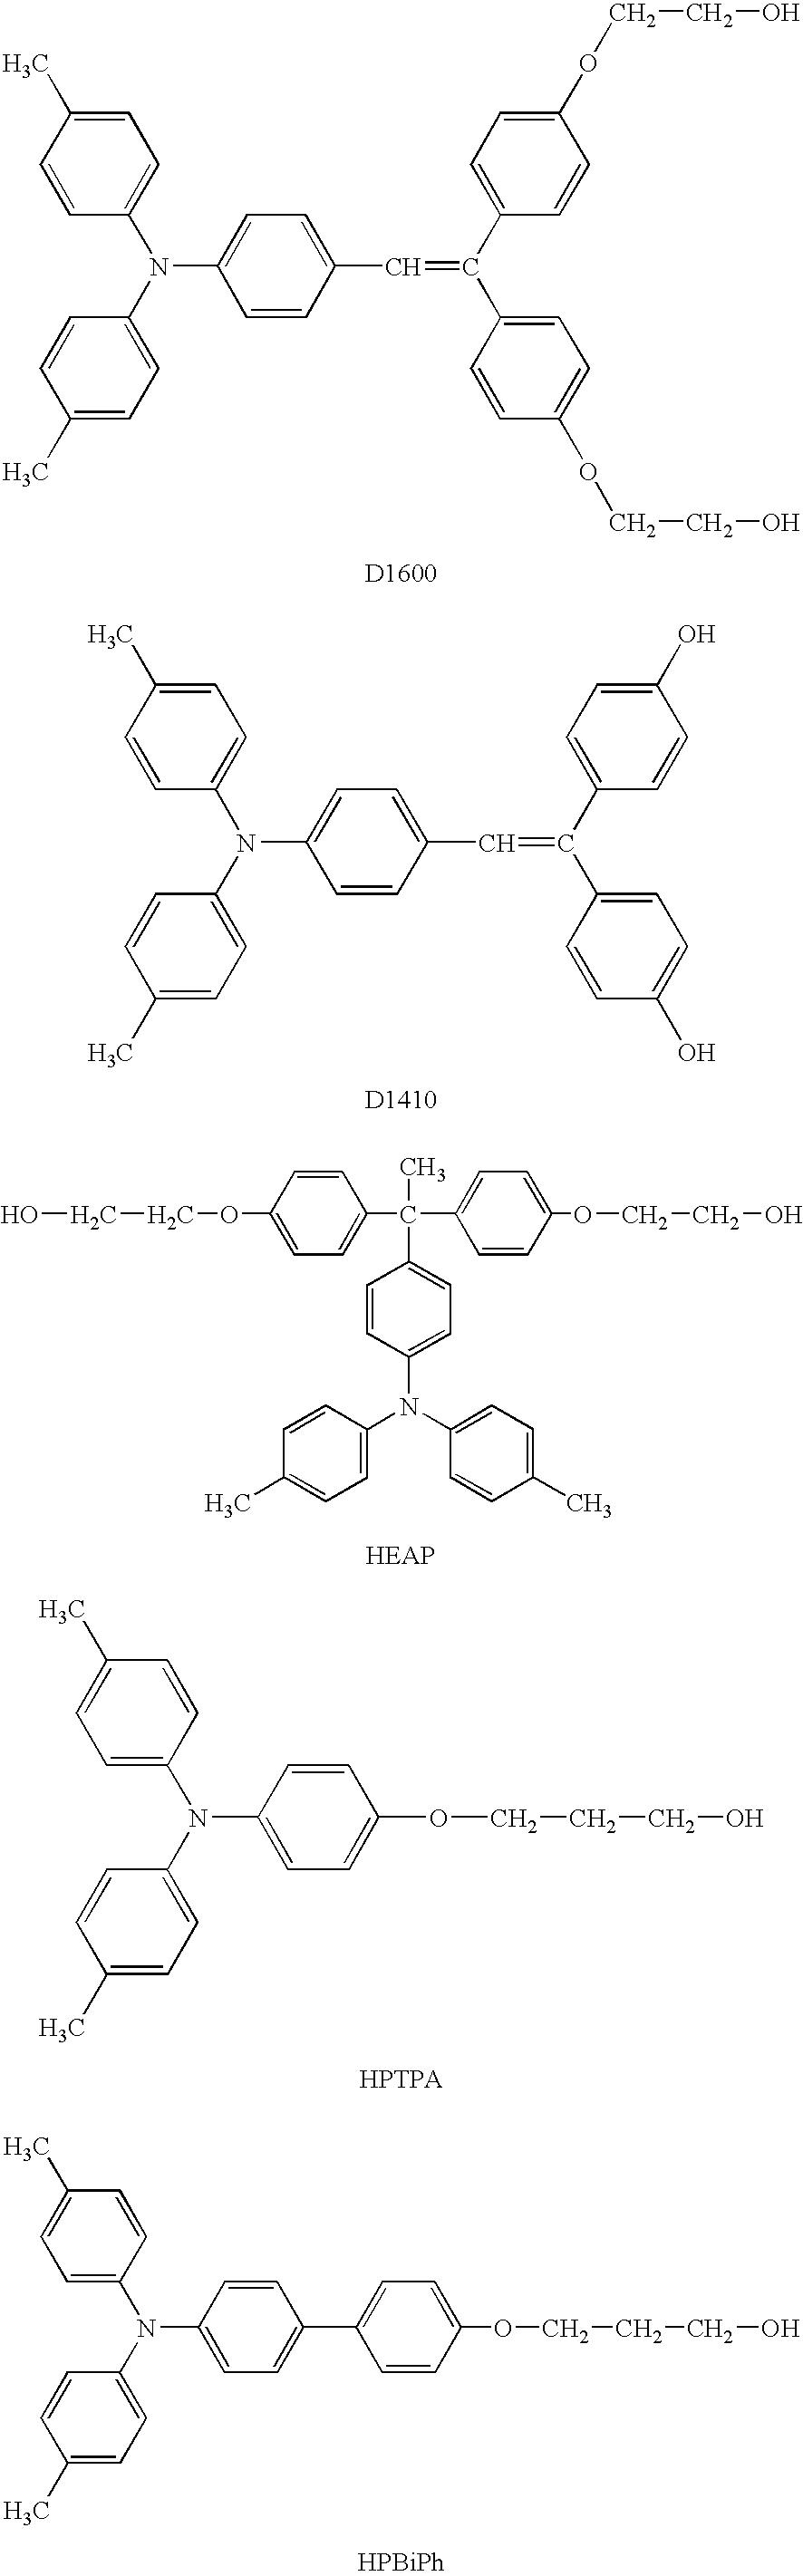 Figure US07482104-20090127-C00013